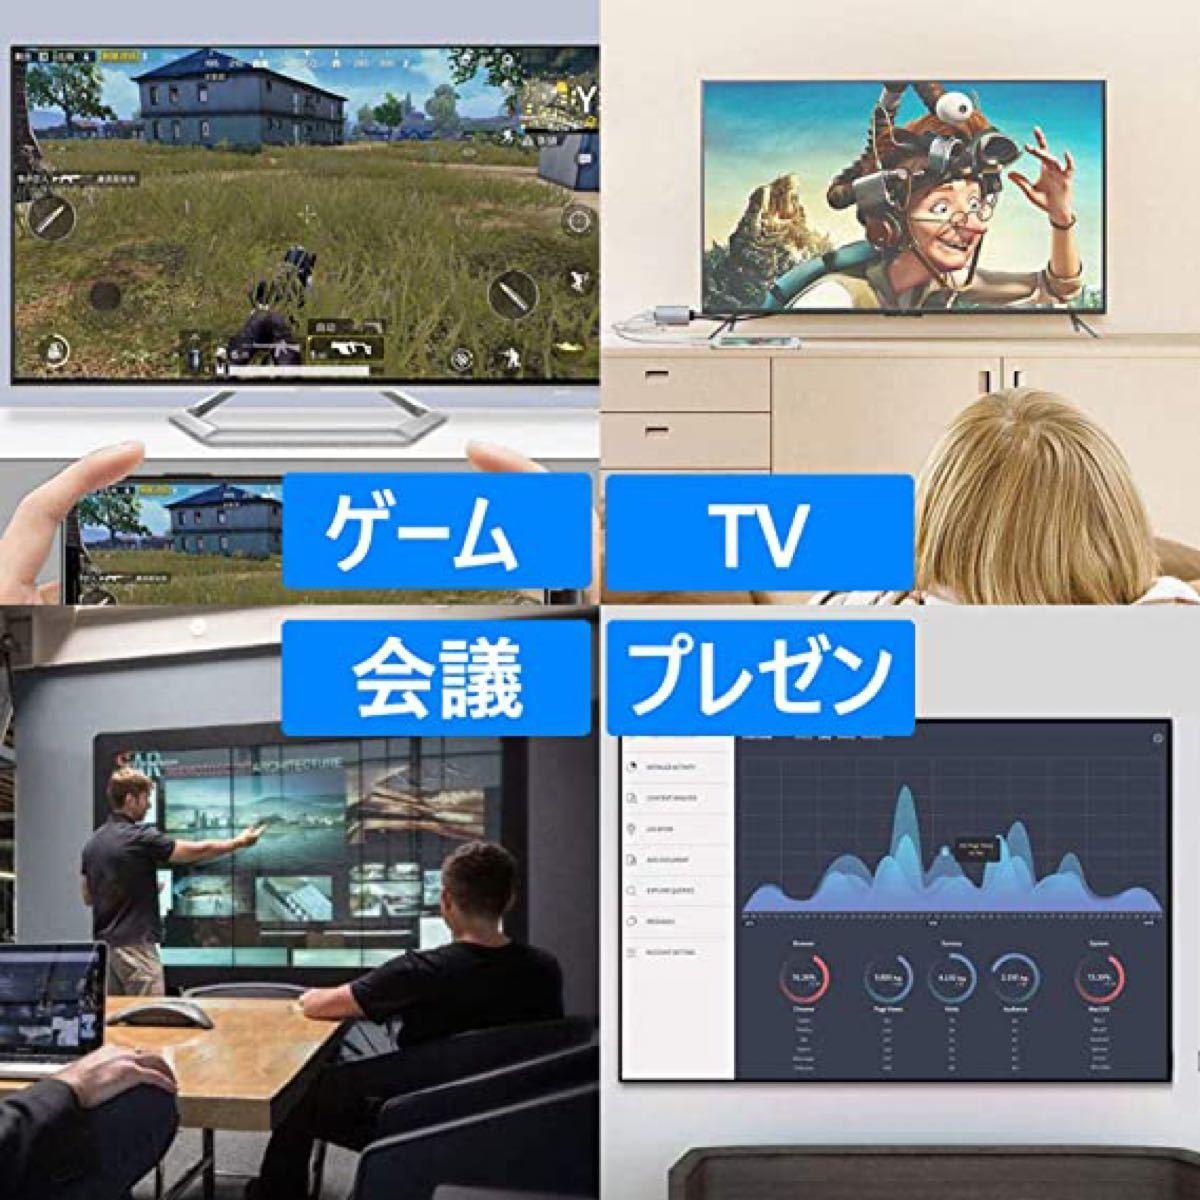 2021年最新版・iPhone/iPad/iPod用・HDMI変換ケーブル・AV変換アダプタ・ライトニング用・設定簡単・高解像度